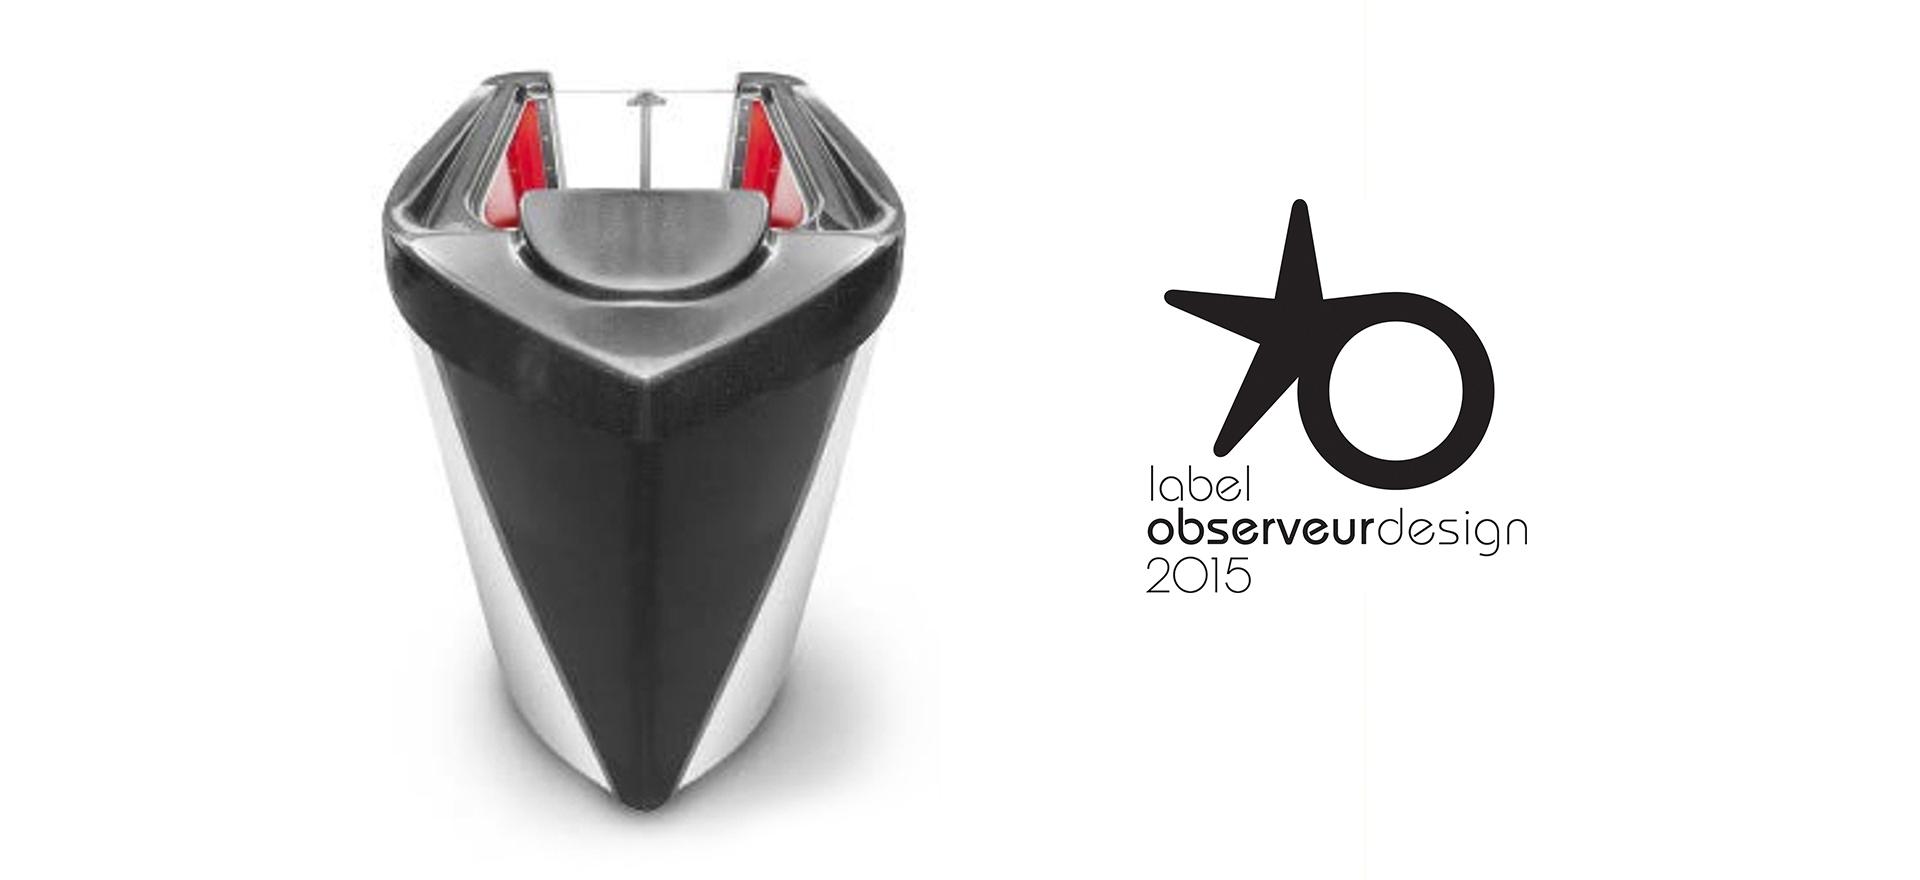 Pilag - Aquaslim Label observateur design